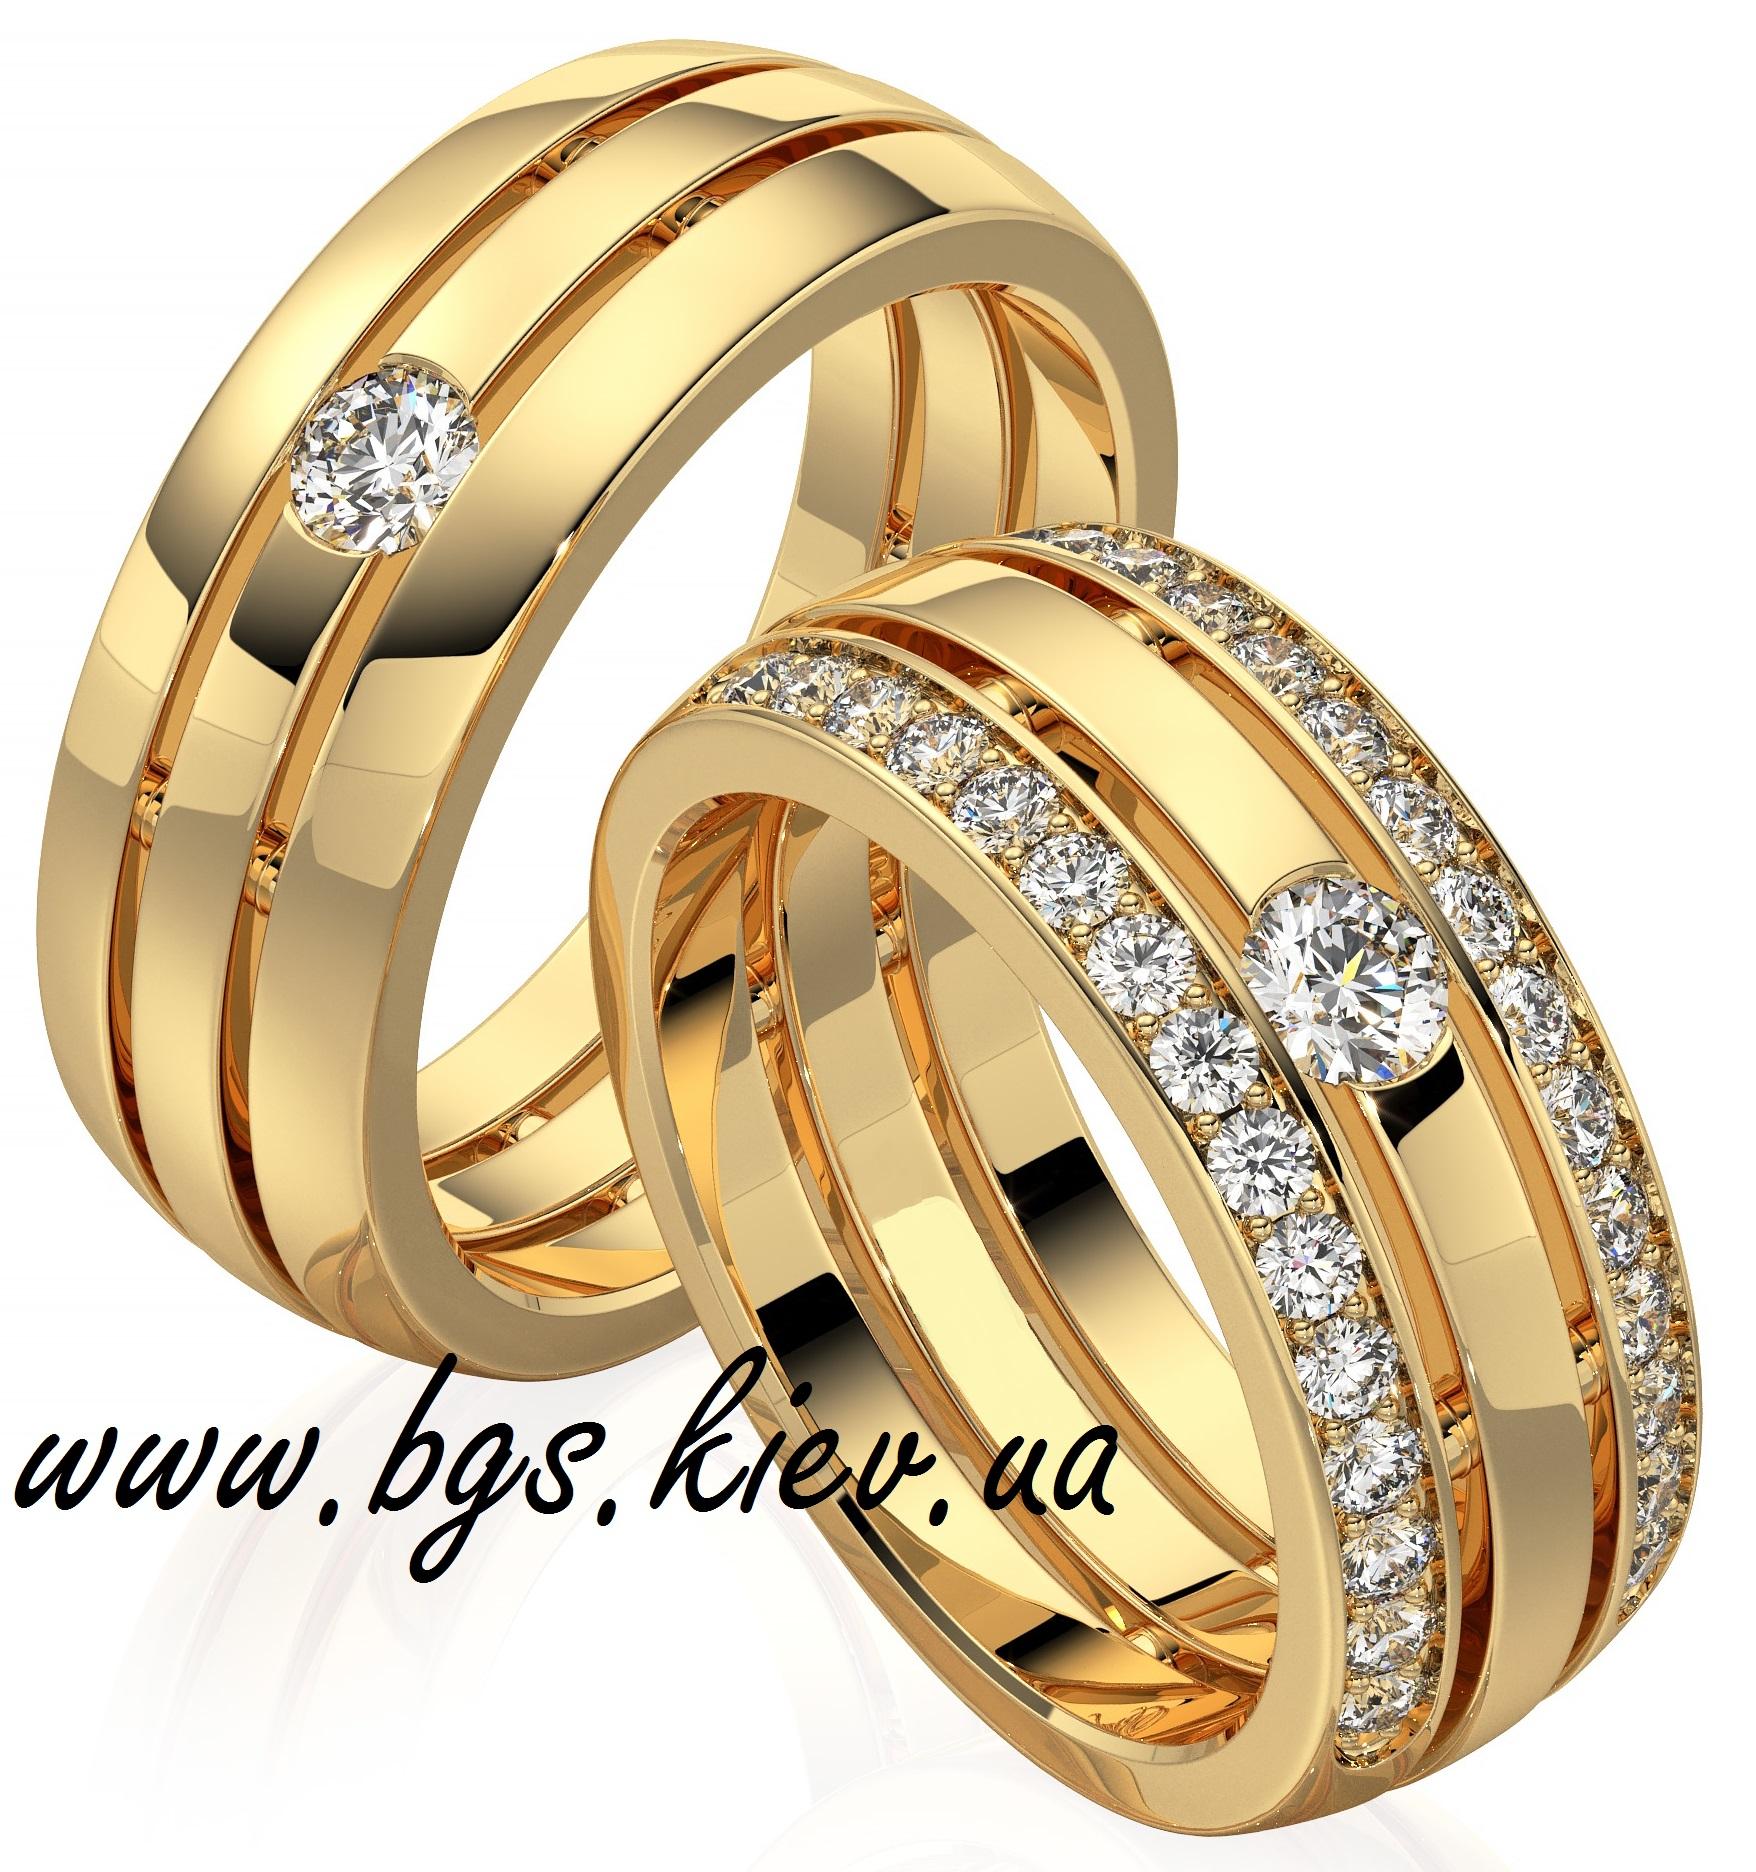 обручальные кольца цена украина